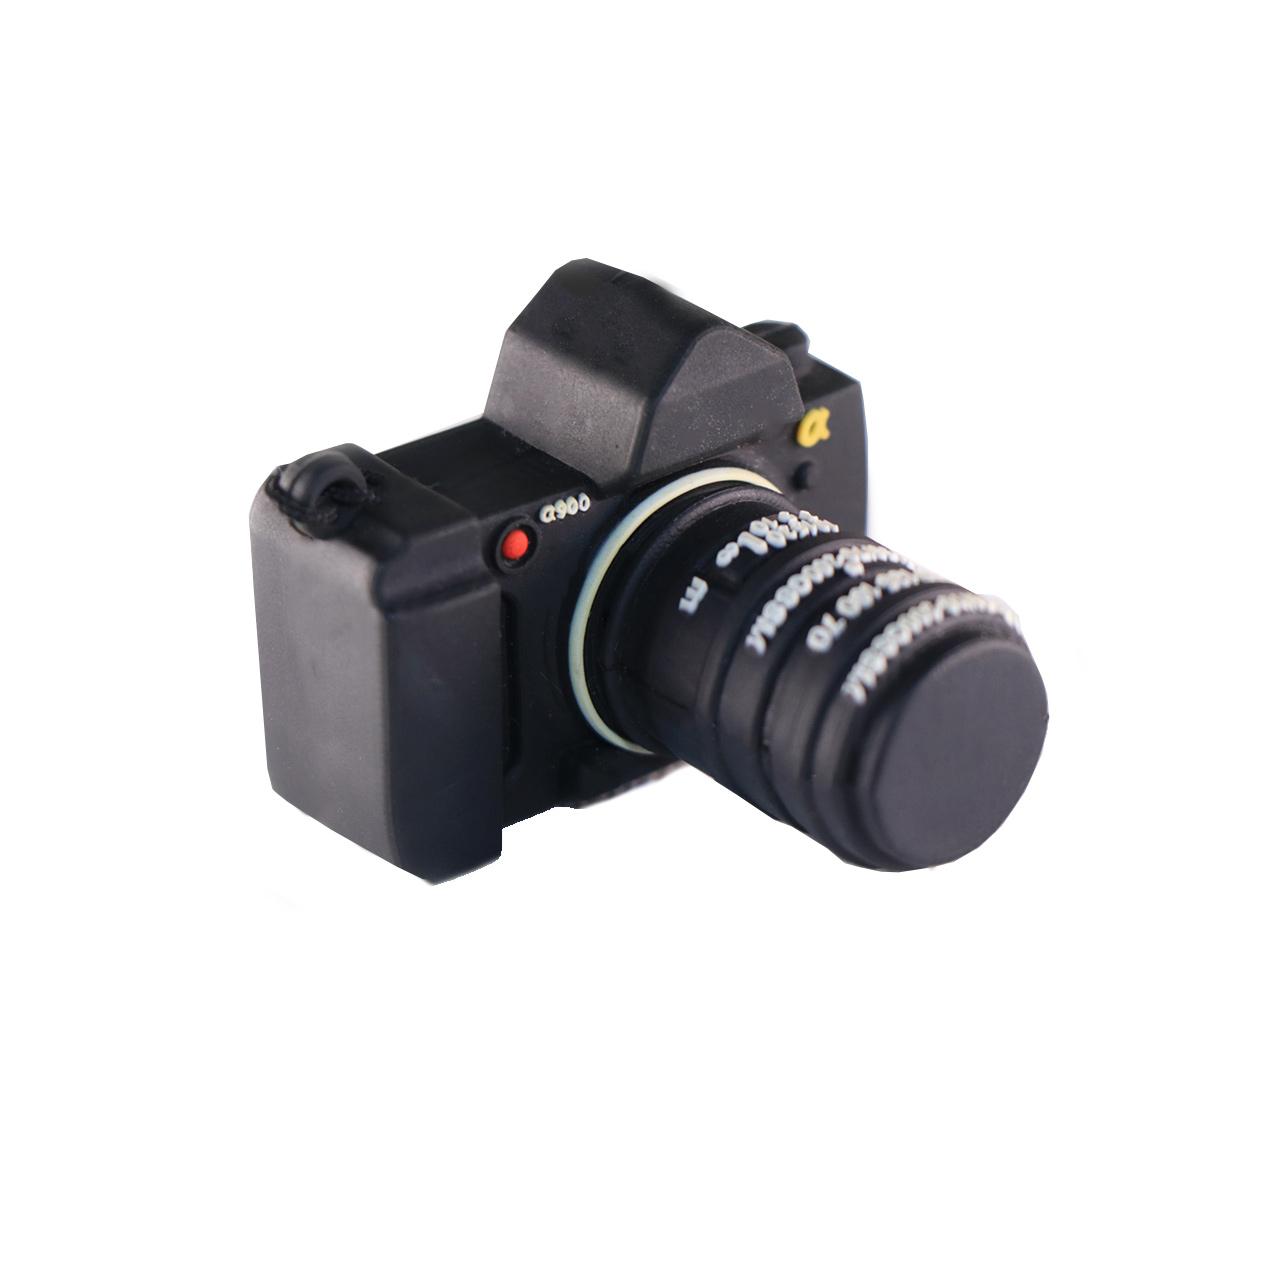 بررسی و {خرید با تخفیف}                                     فلش مموری طرح   Camera مدل DAA1140-U3 ظرفیت 64 گیگابایت                             اصل